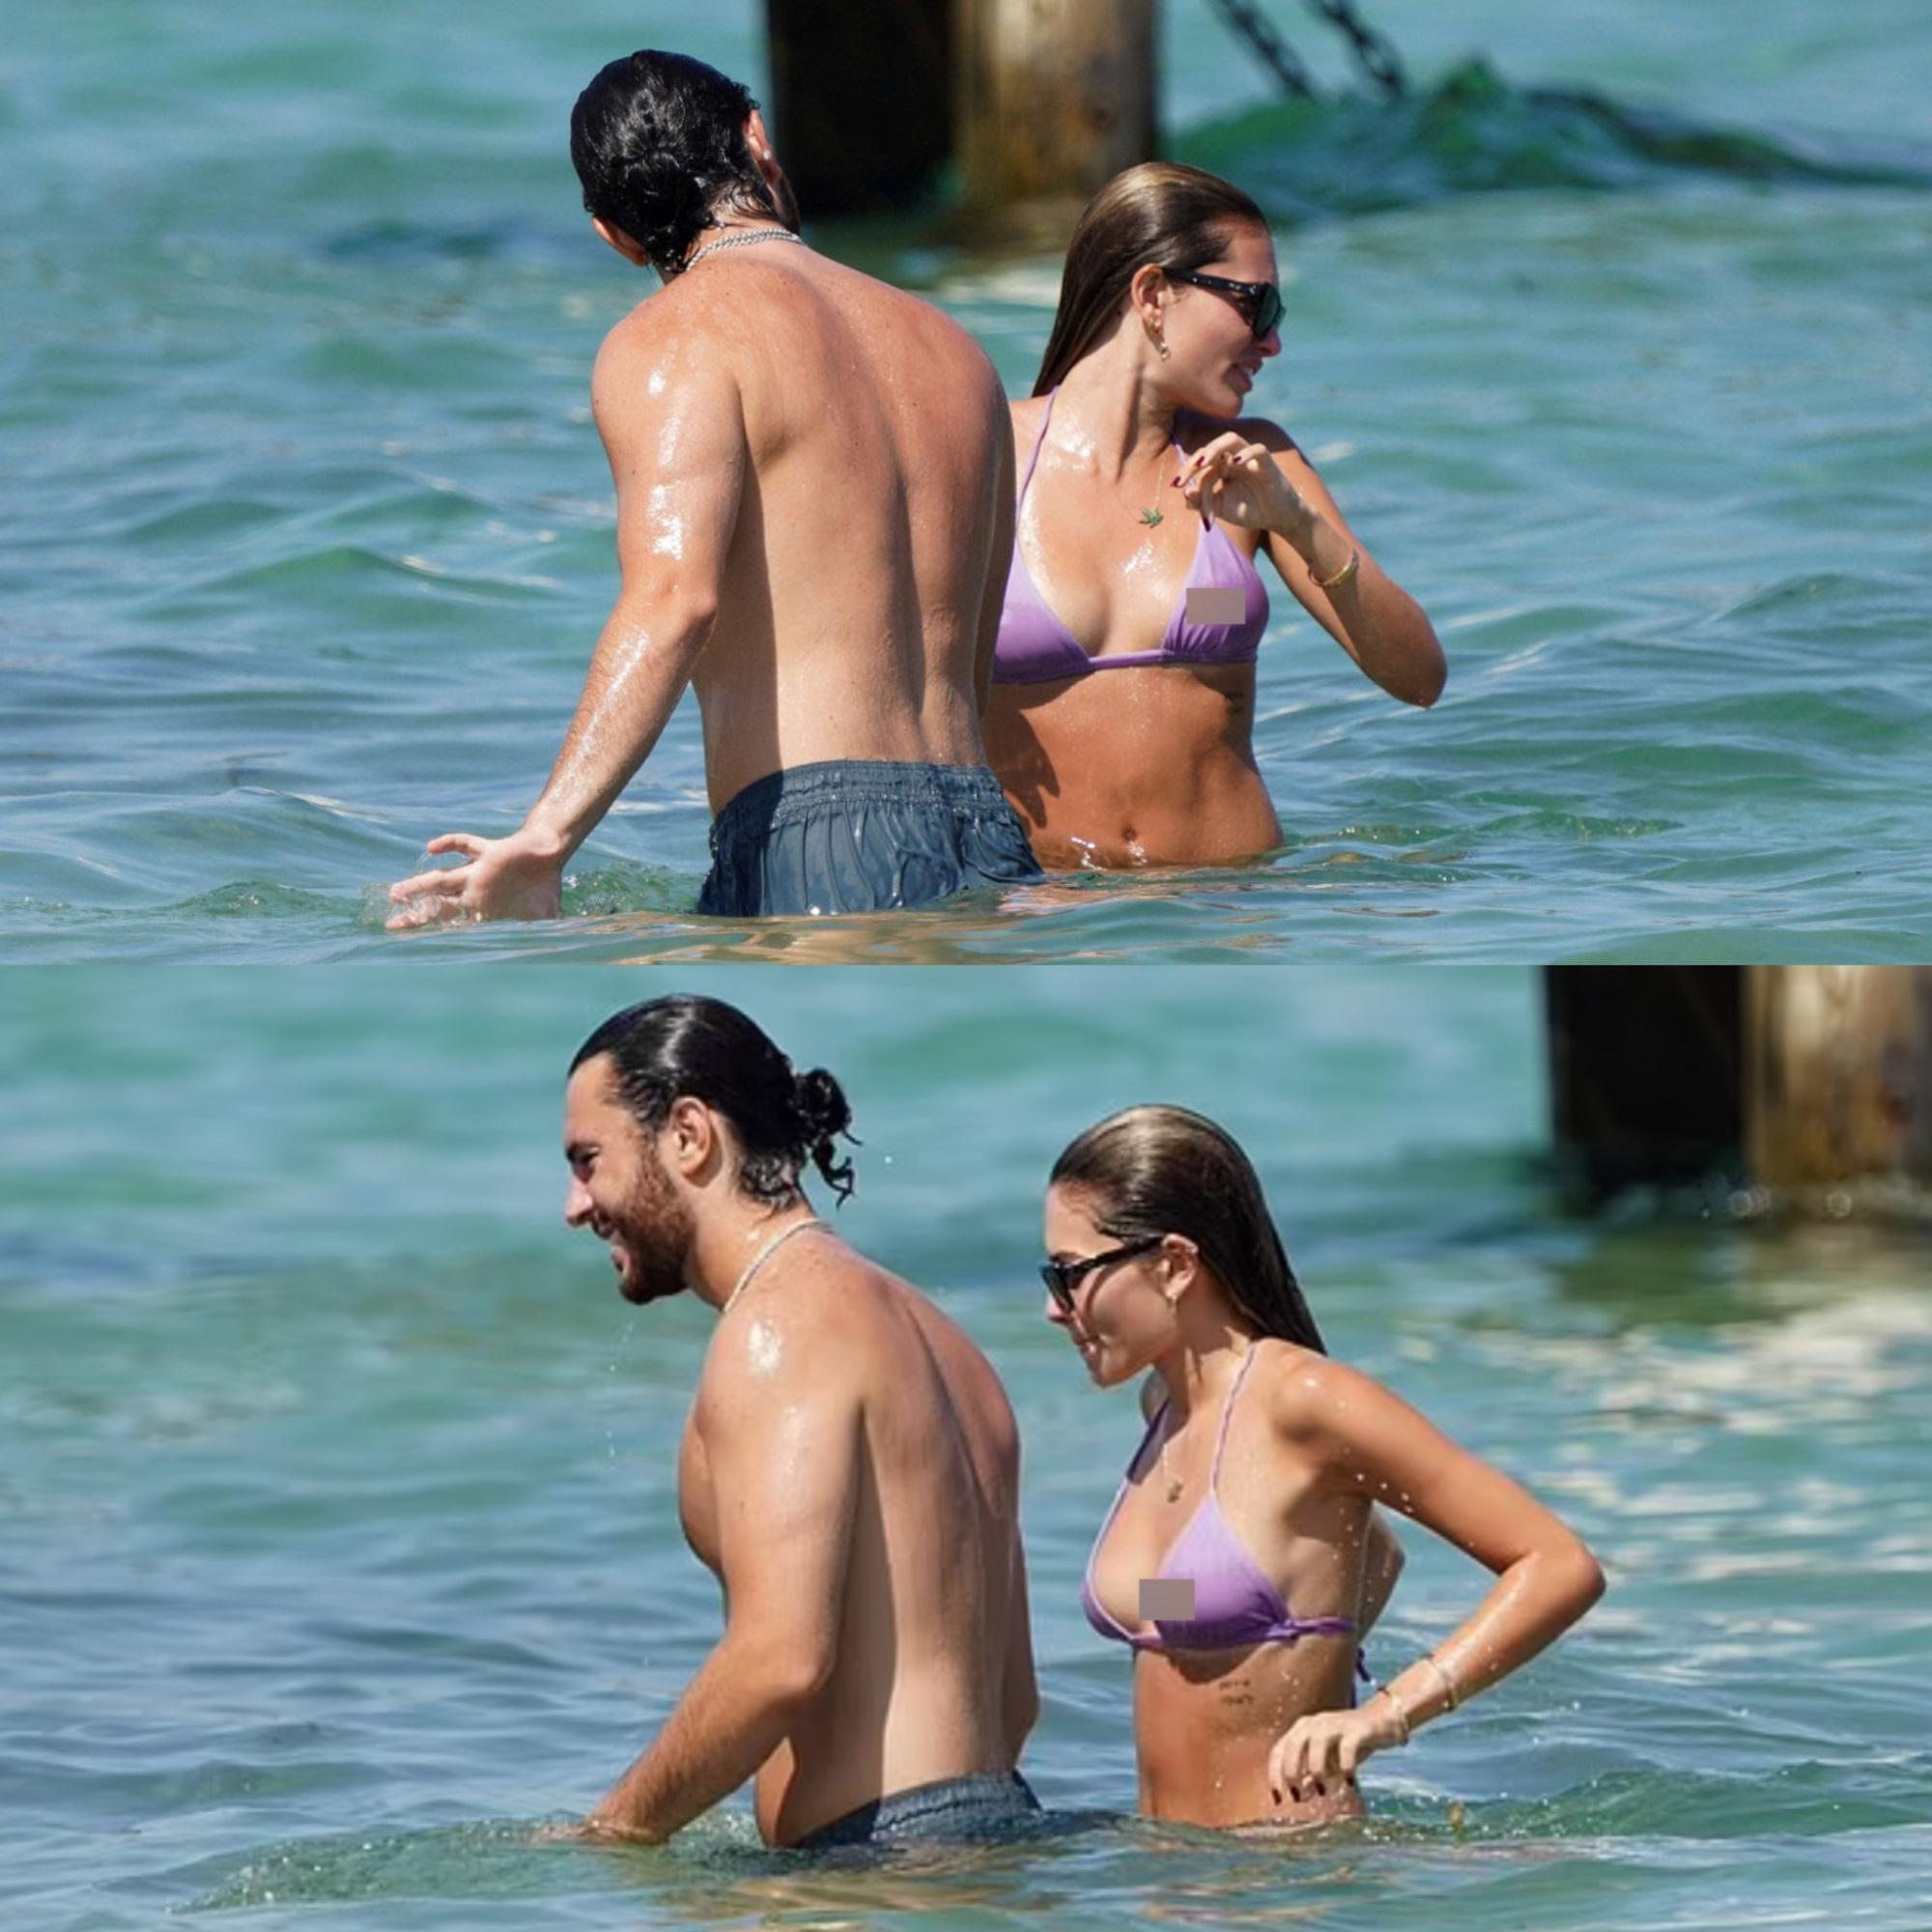 Người mẫu từng được mệnh danh 'cô bé đẹp nhất thế giới' gây sốt khi dậy thì thành công, diện bikini trên biển cùng bạn trai vô cùng 'nóng mắt' - Ảnh 5